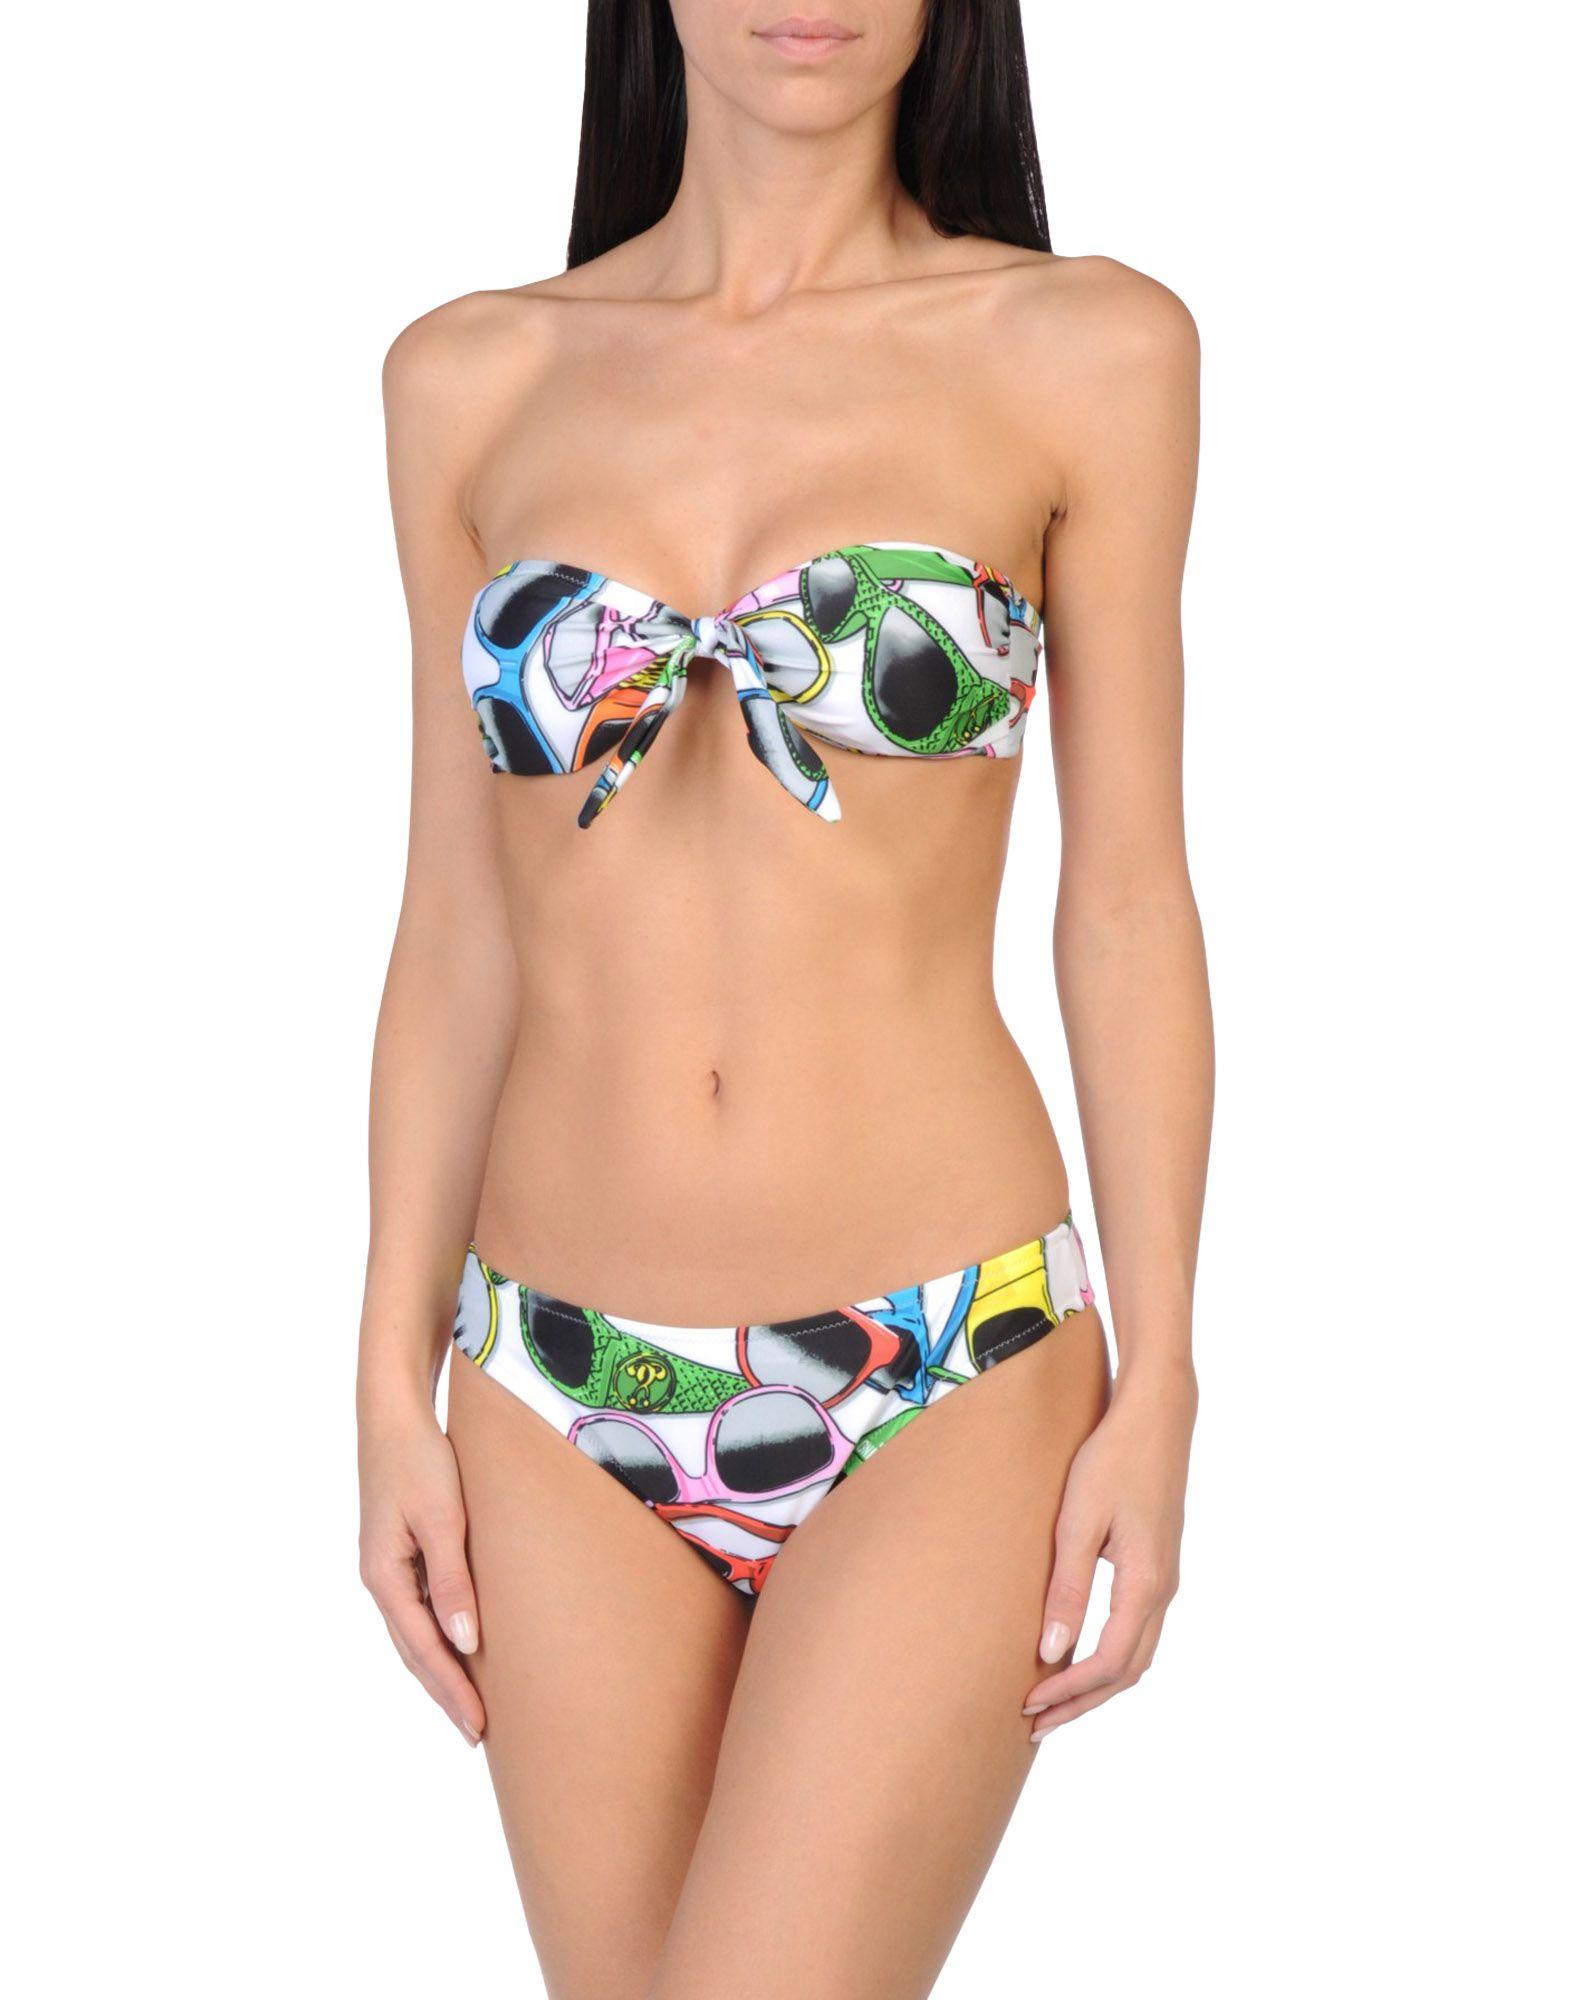 Bikini Ligne MoschinoBoutique Bikini Femmes En Tl1FKcJ